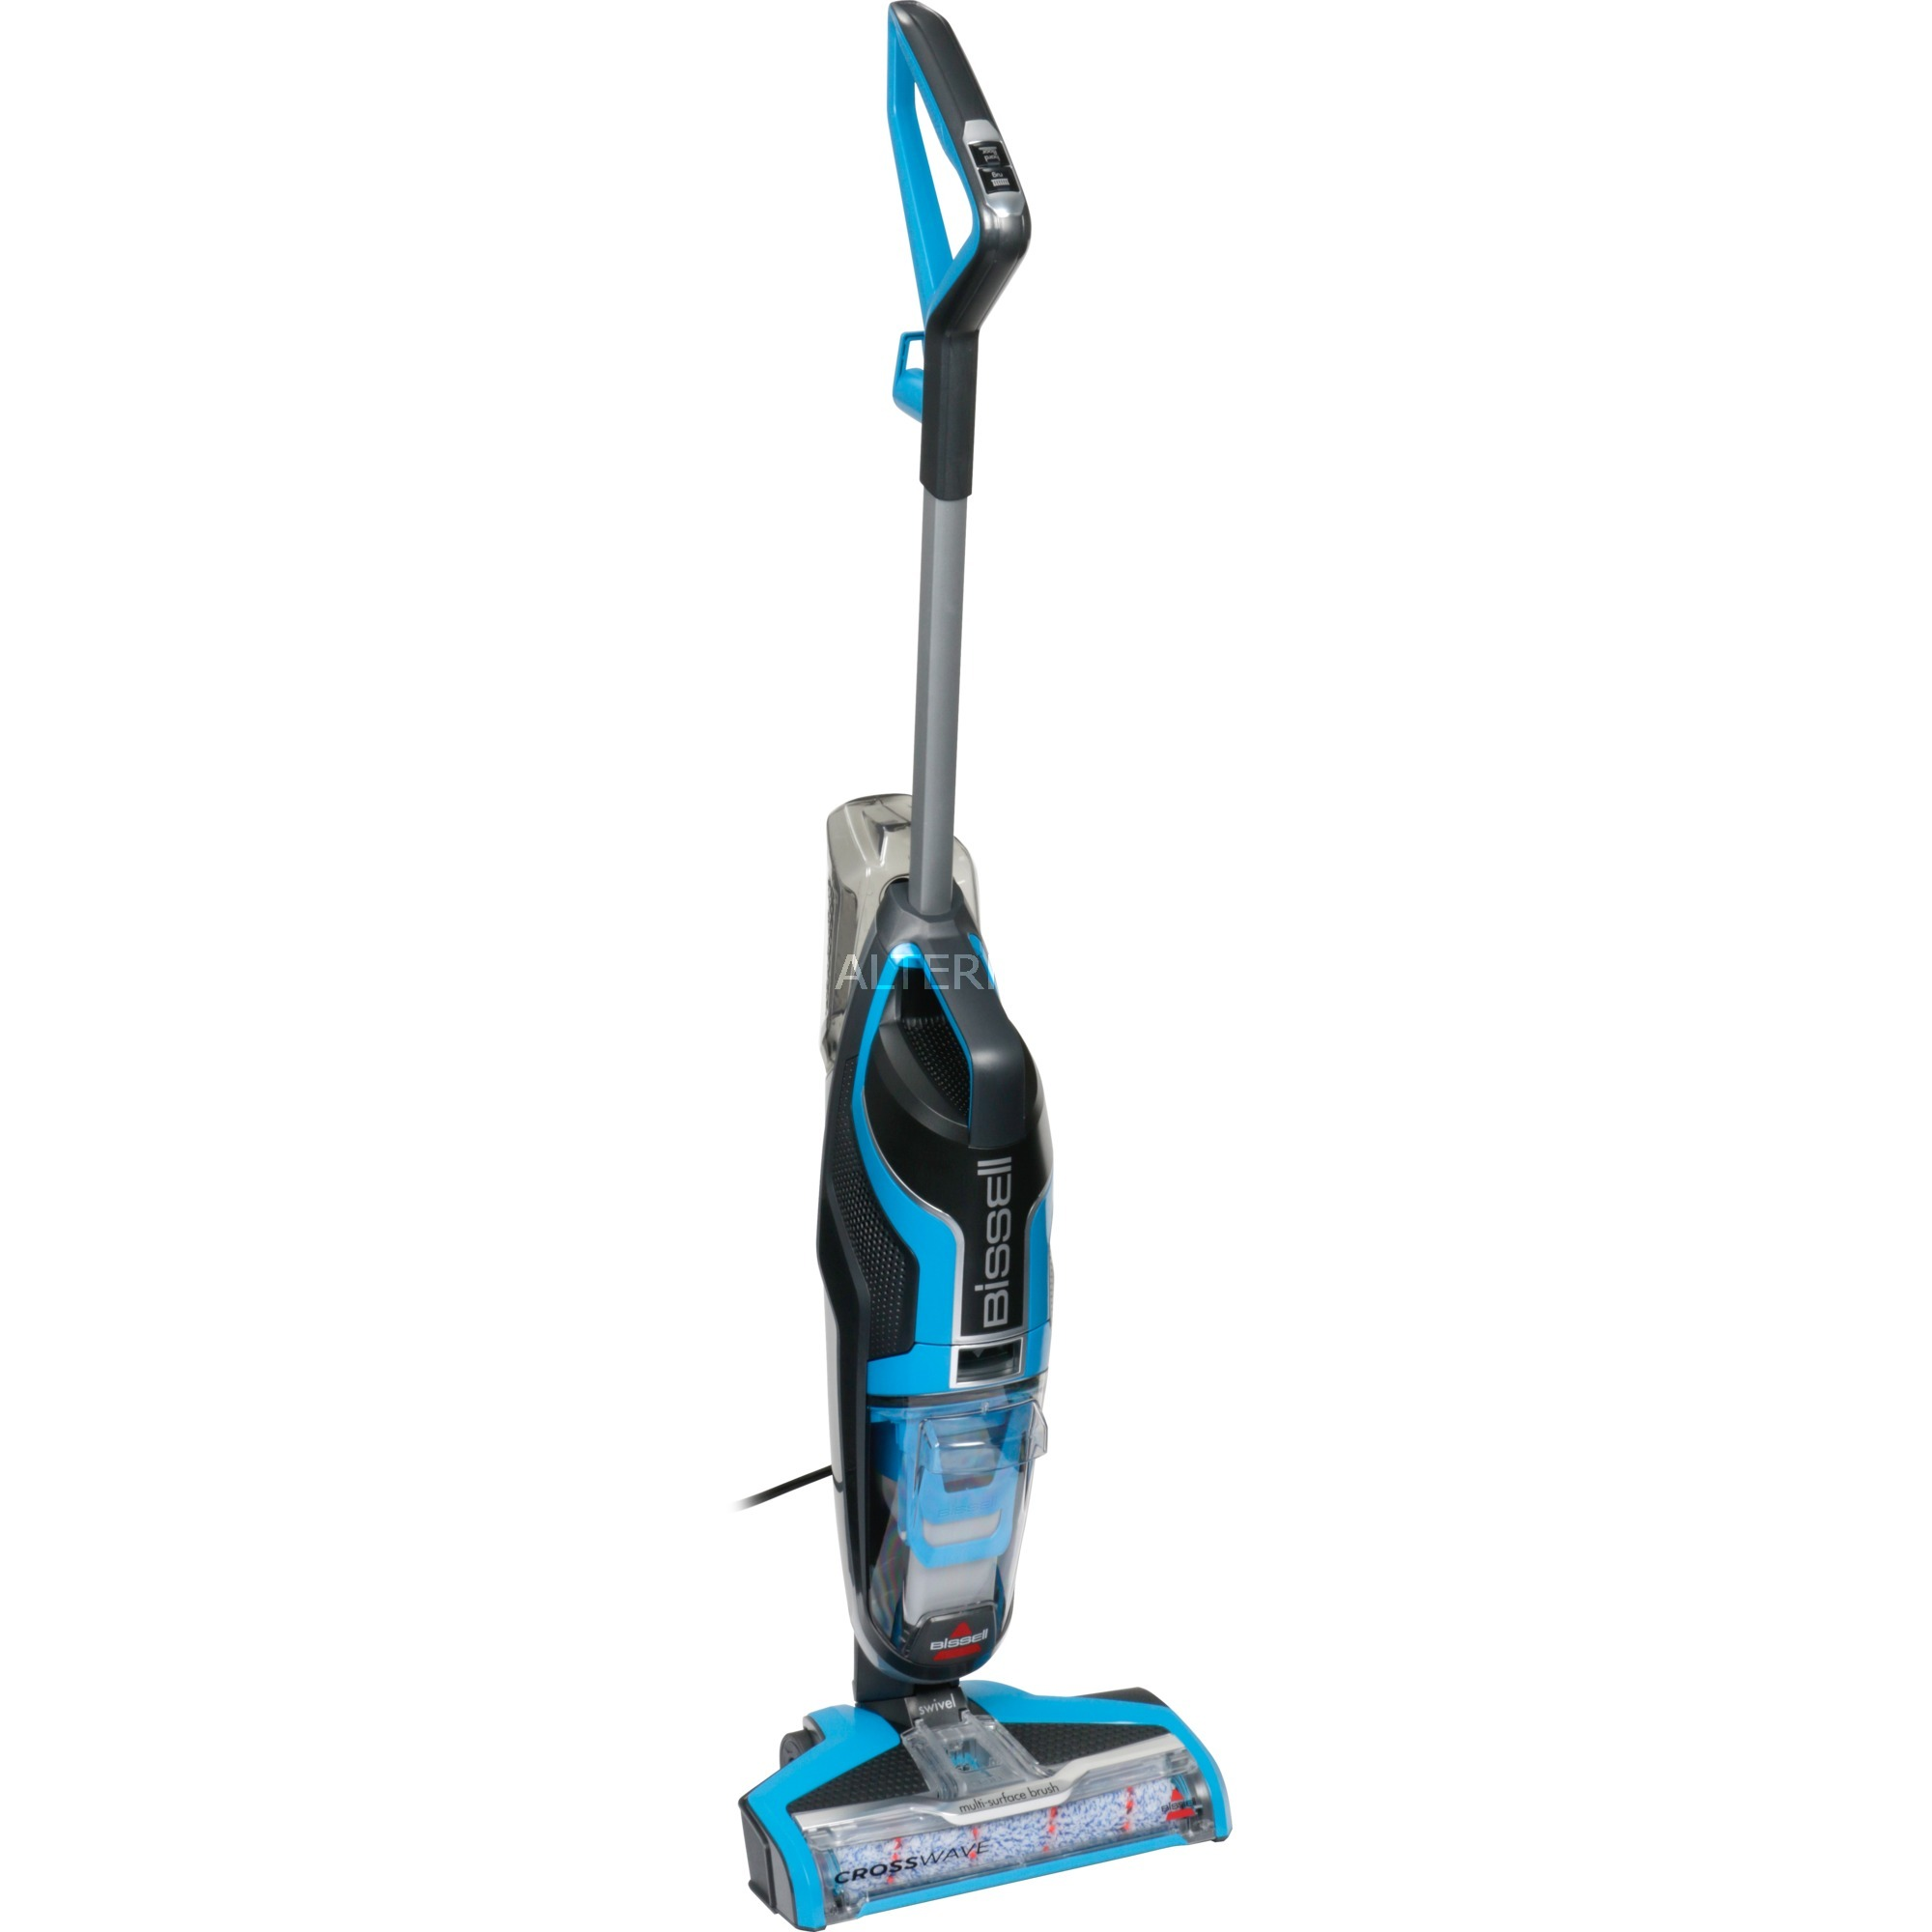 17132 aspiradora de pie y escoba eléctrica Sin bolsa Azul, Titanio 0,62 L 560 W, Aspiradora en húmedo y en seco